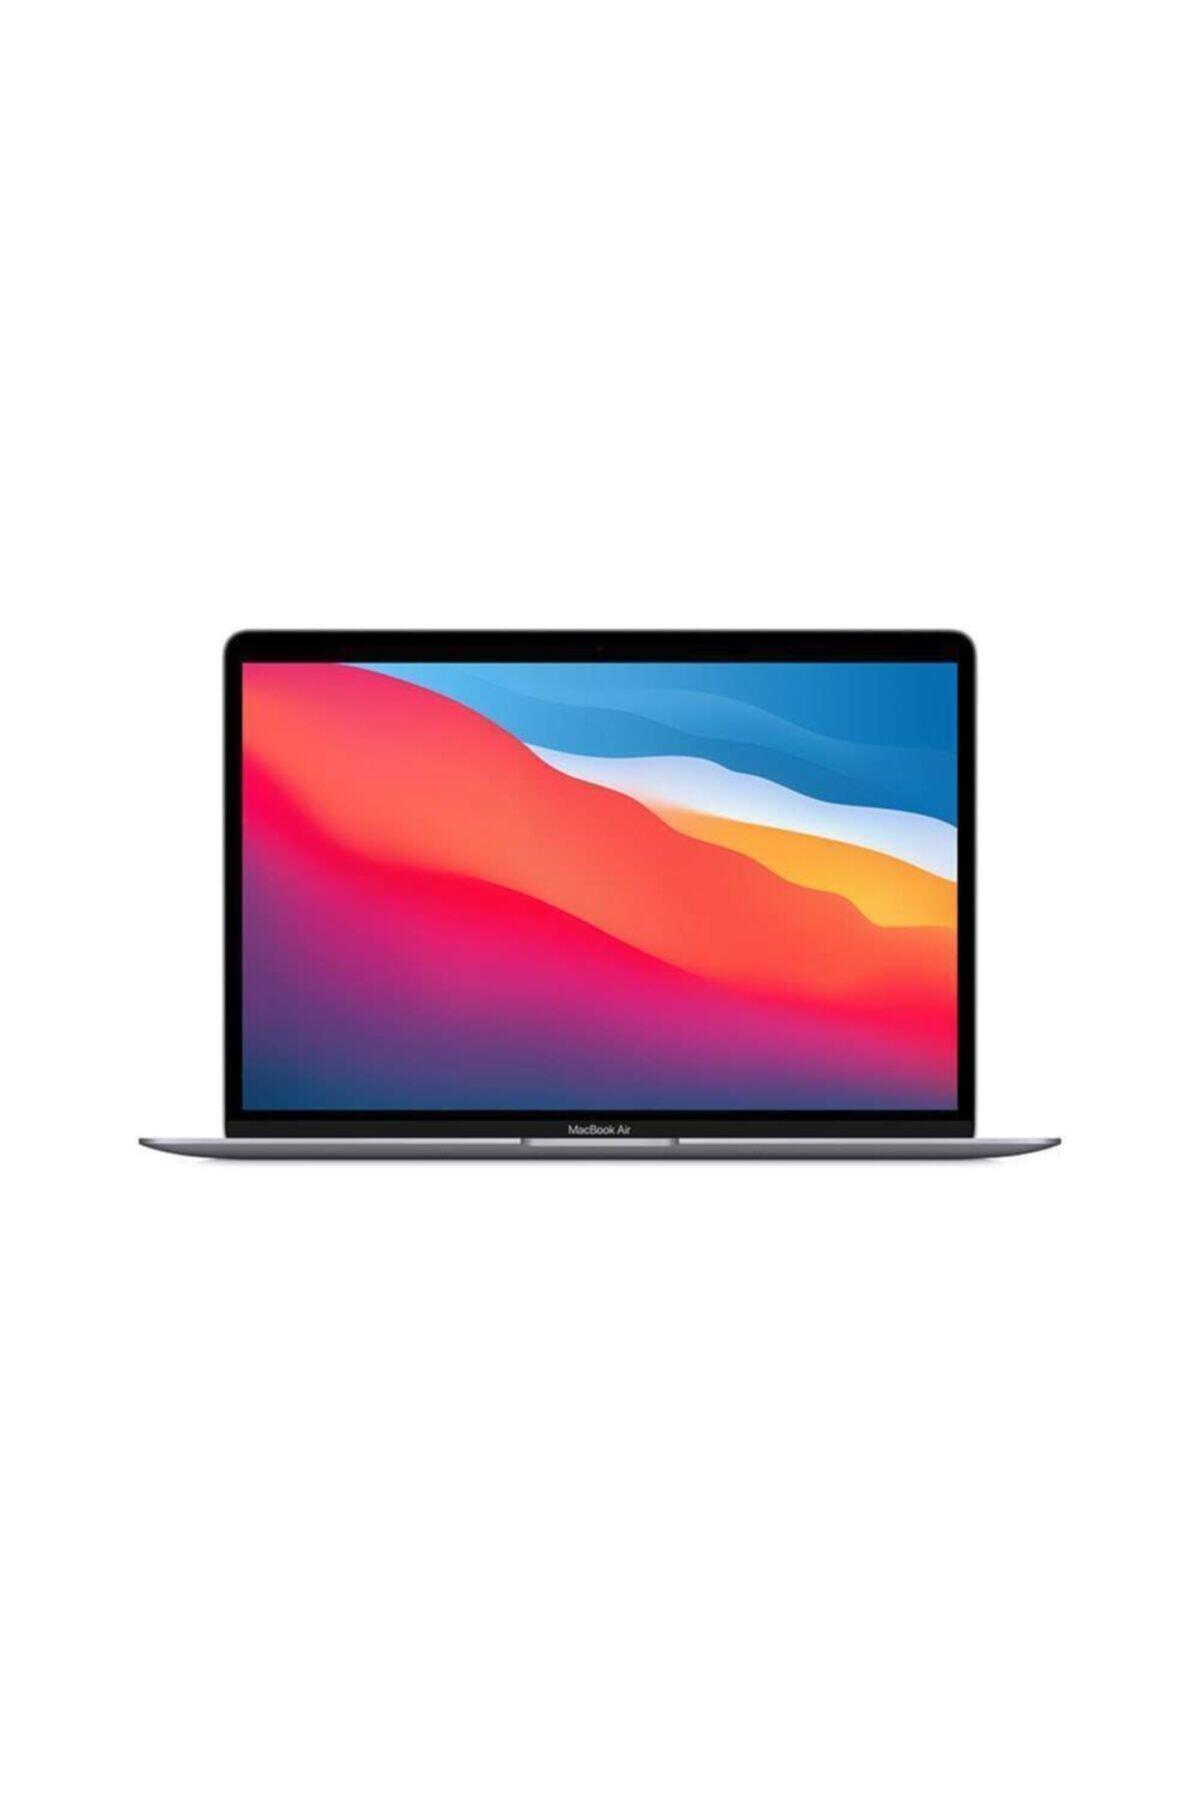 Apple Macbook Air 13'' M1 8gb 256gb Ssd Uzay Grisi - Mgn63tu/a 1